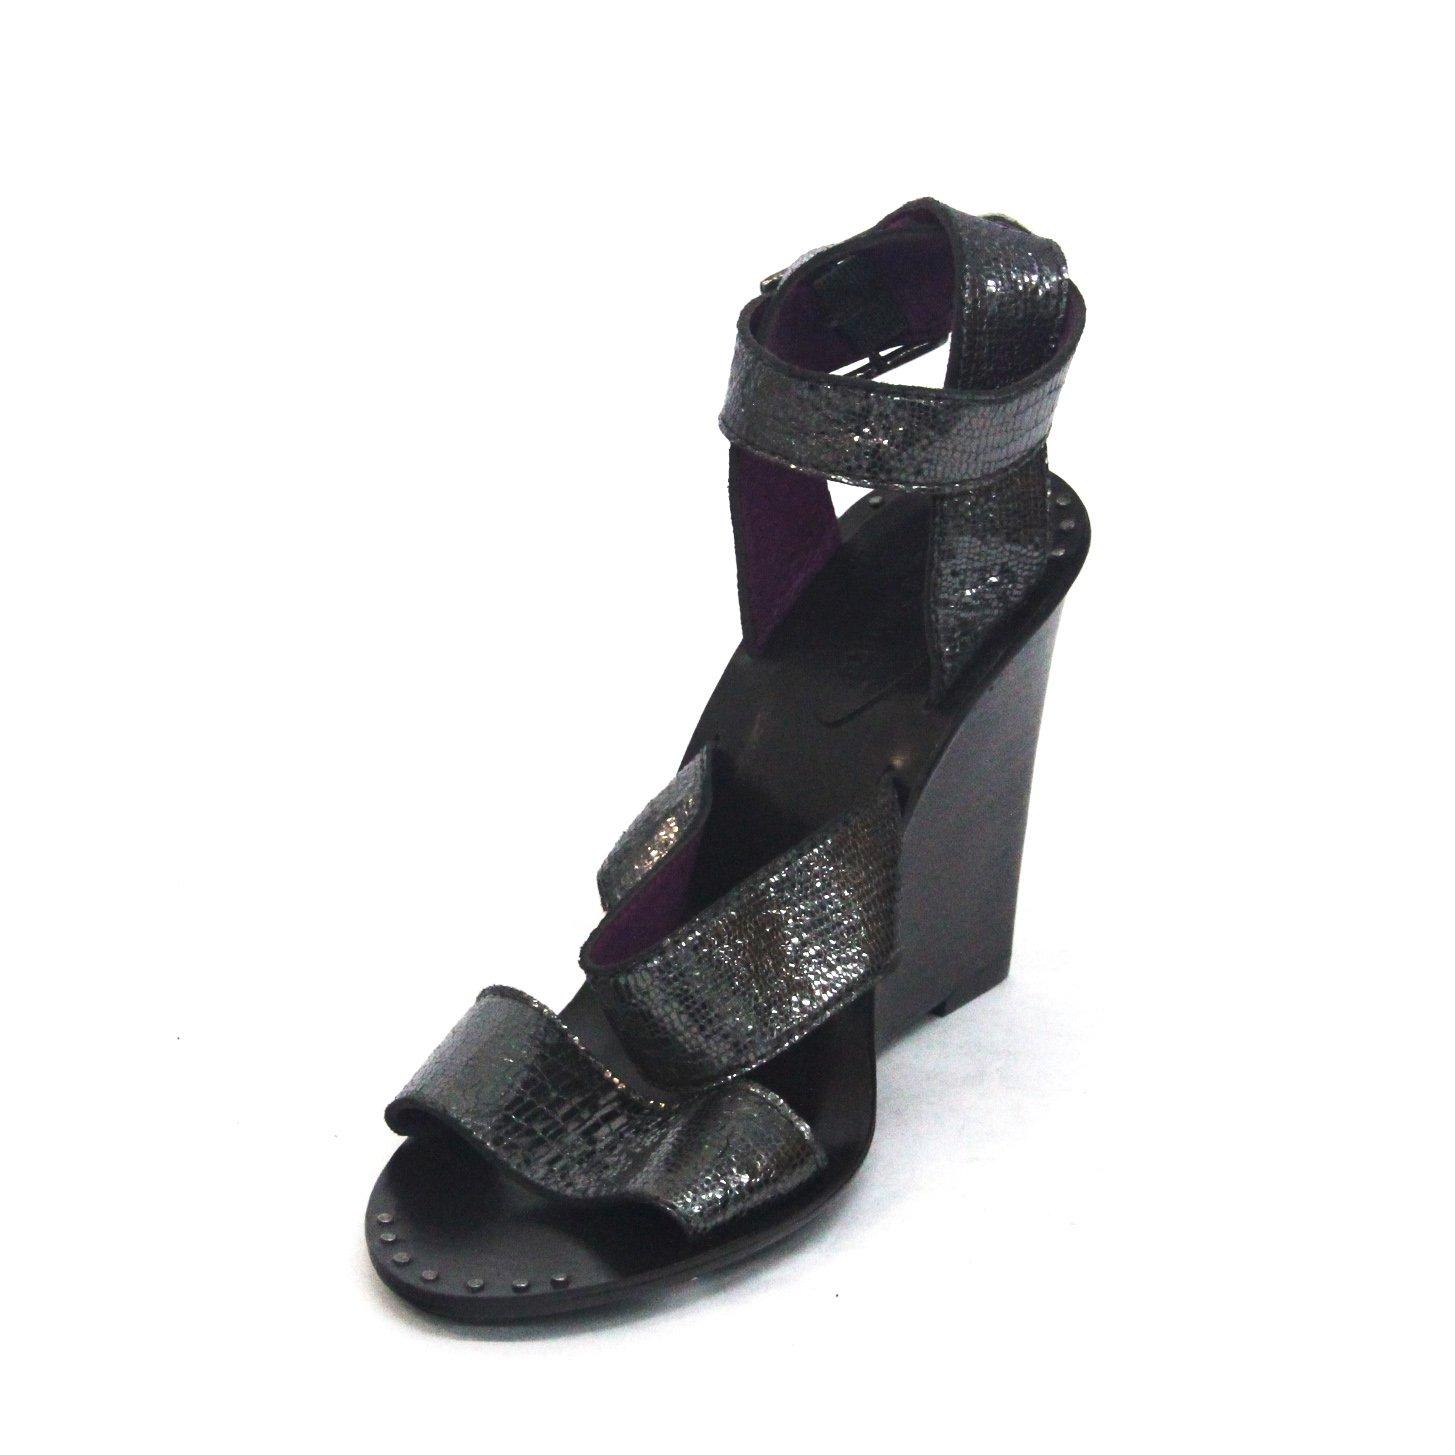 Juicy Couture Zehenöffnung Keilabsatz Sandale Sandale Sandale UK Größe 4 Grau-steel 998fd3